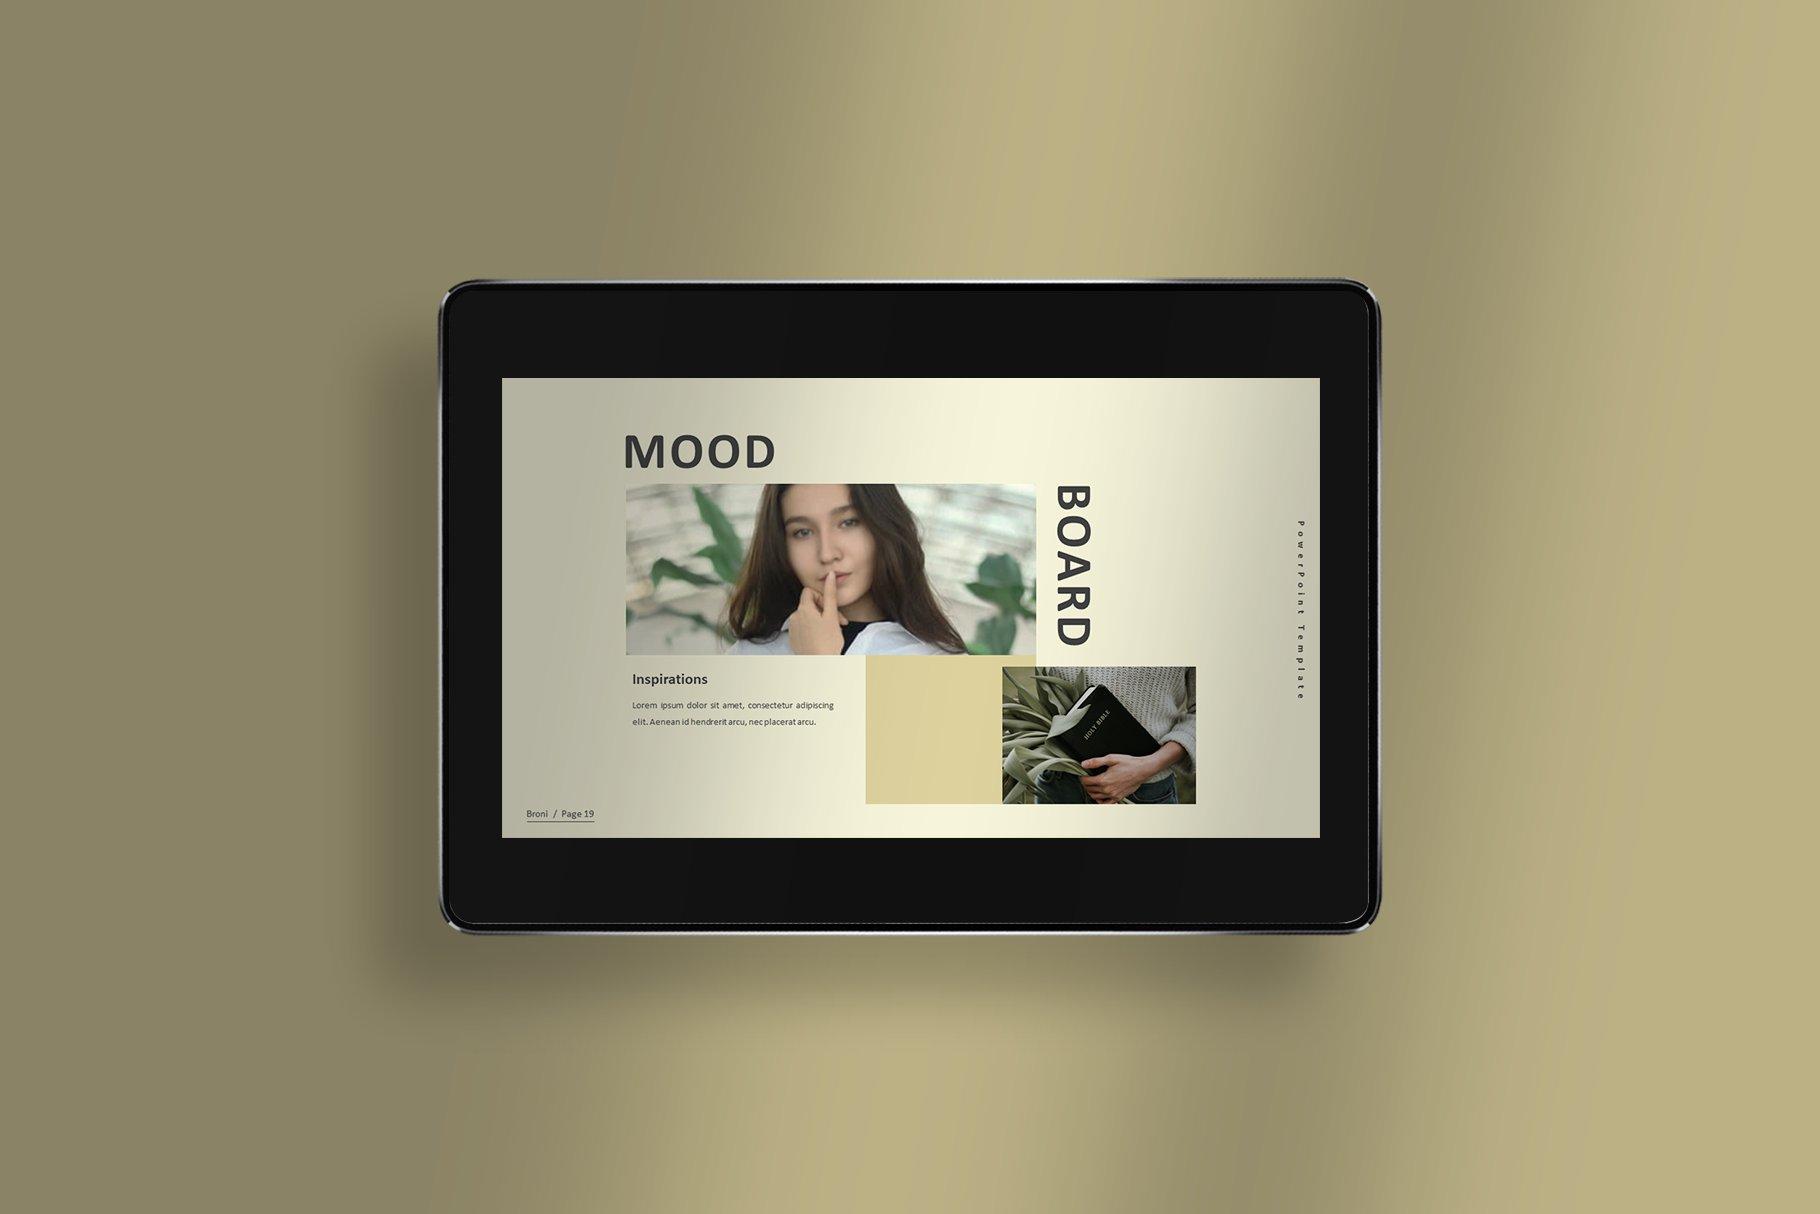 简洁服装摄影作品集图文排版设计PPT幻灯片模板 Broni – Minimalist Presentation插图(2)